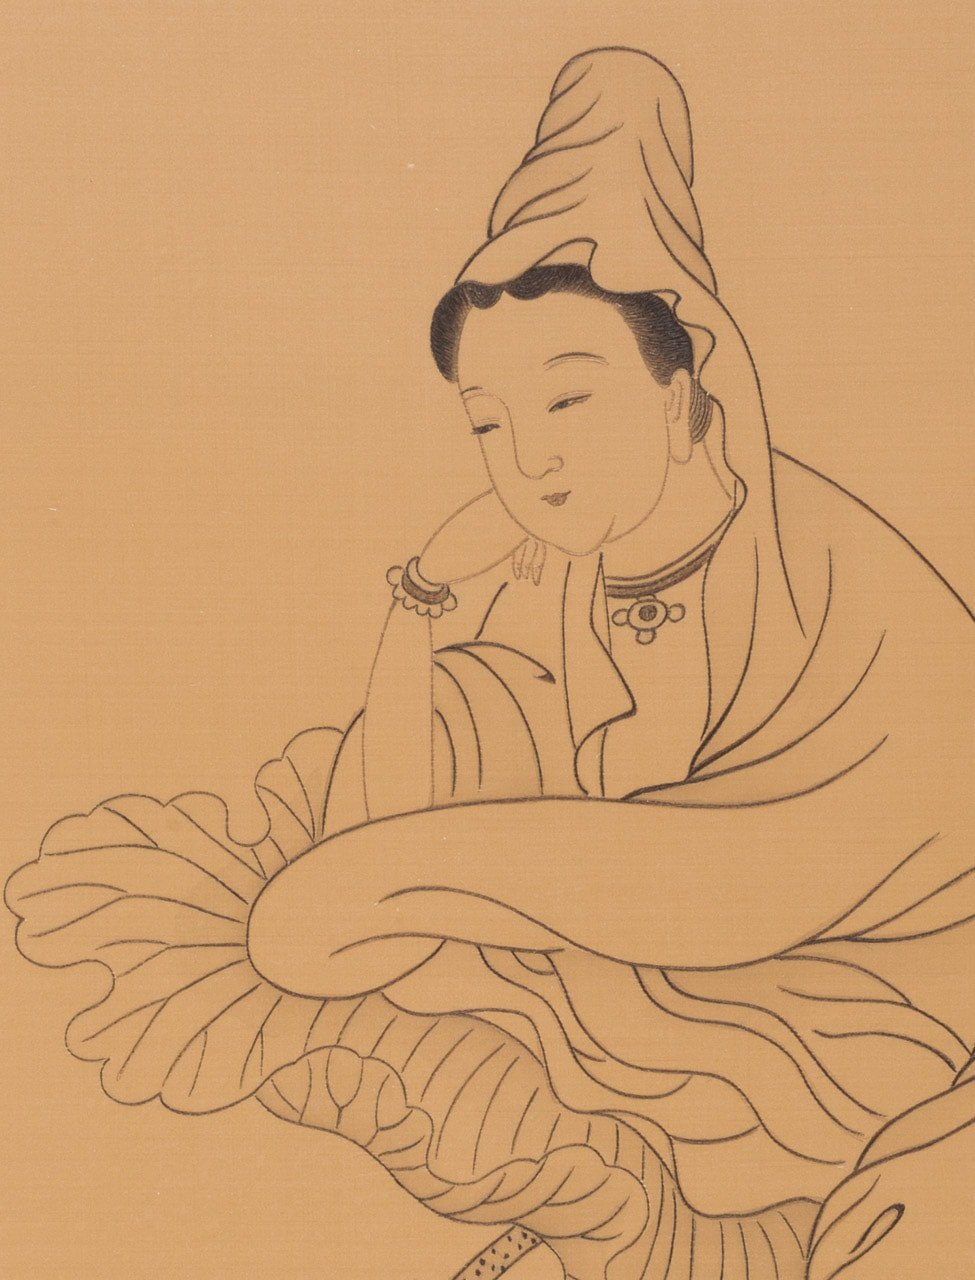 Atop the Lotus (detail)